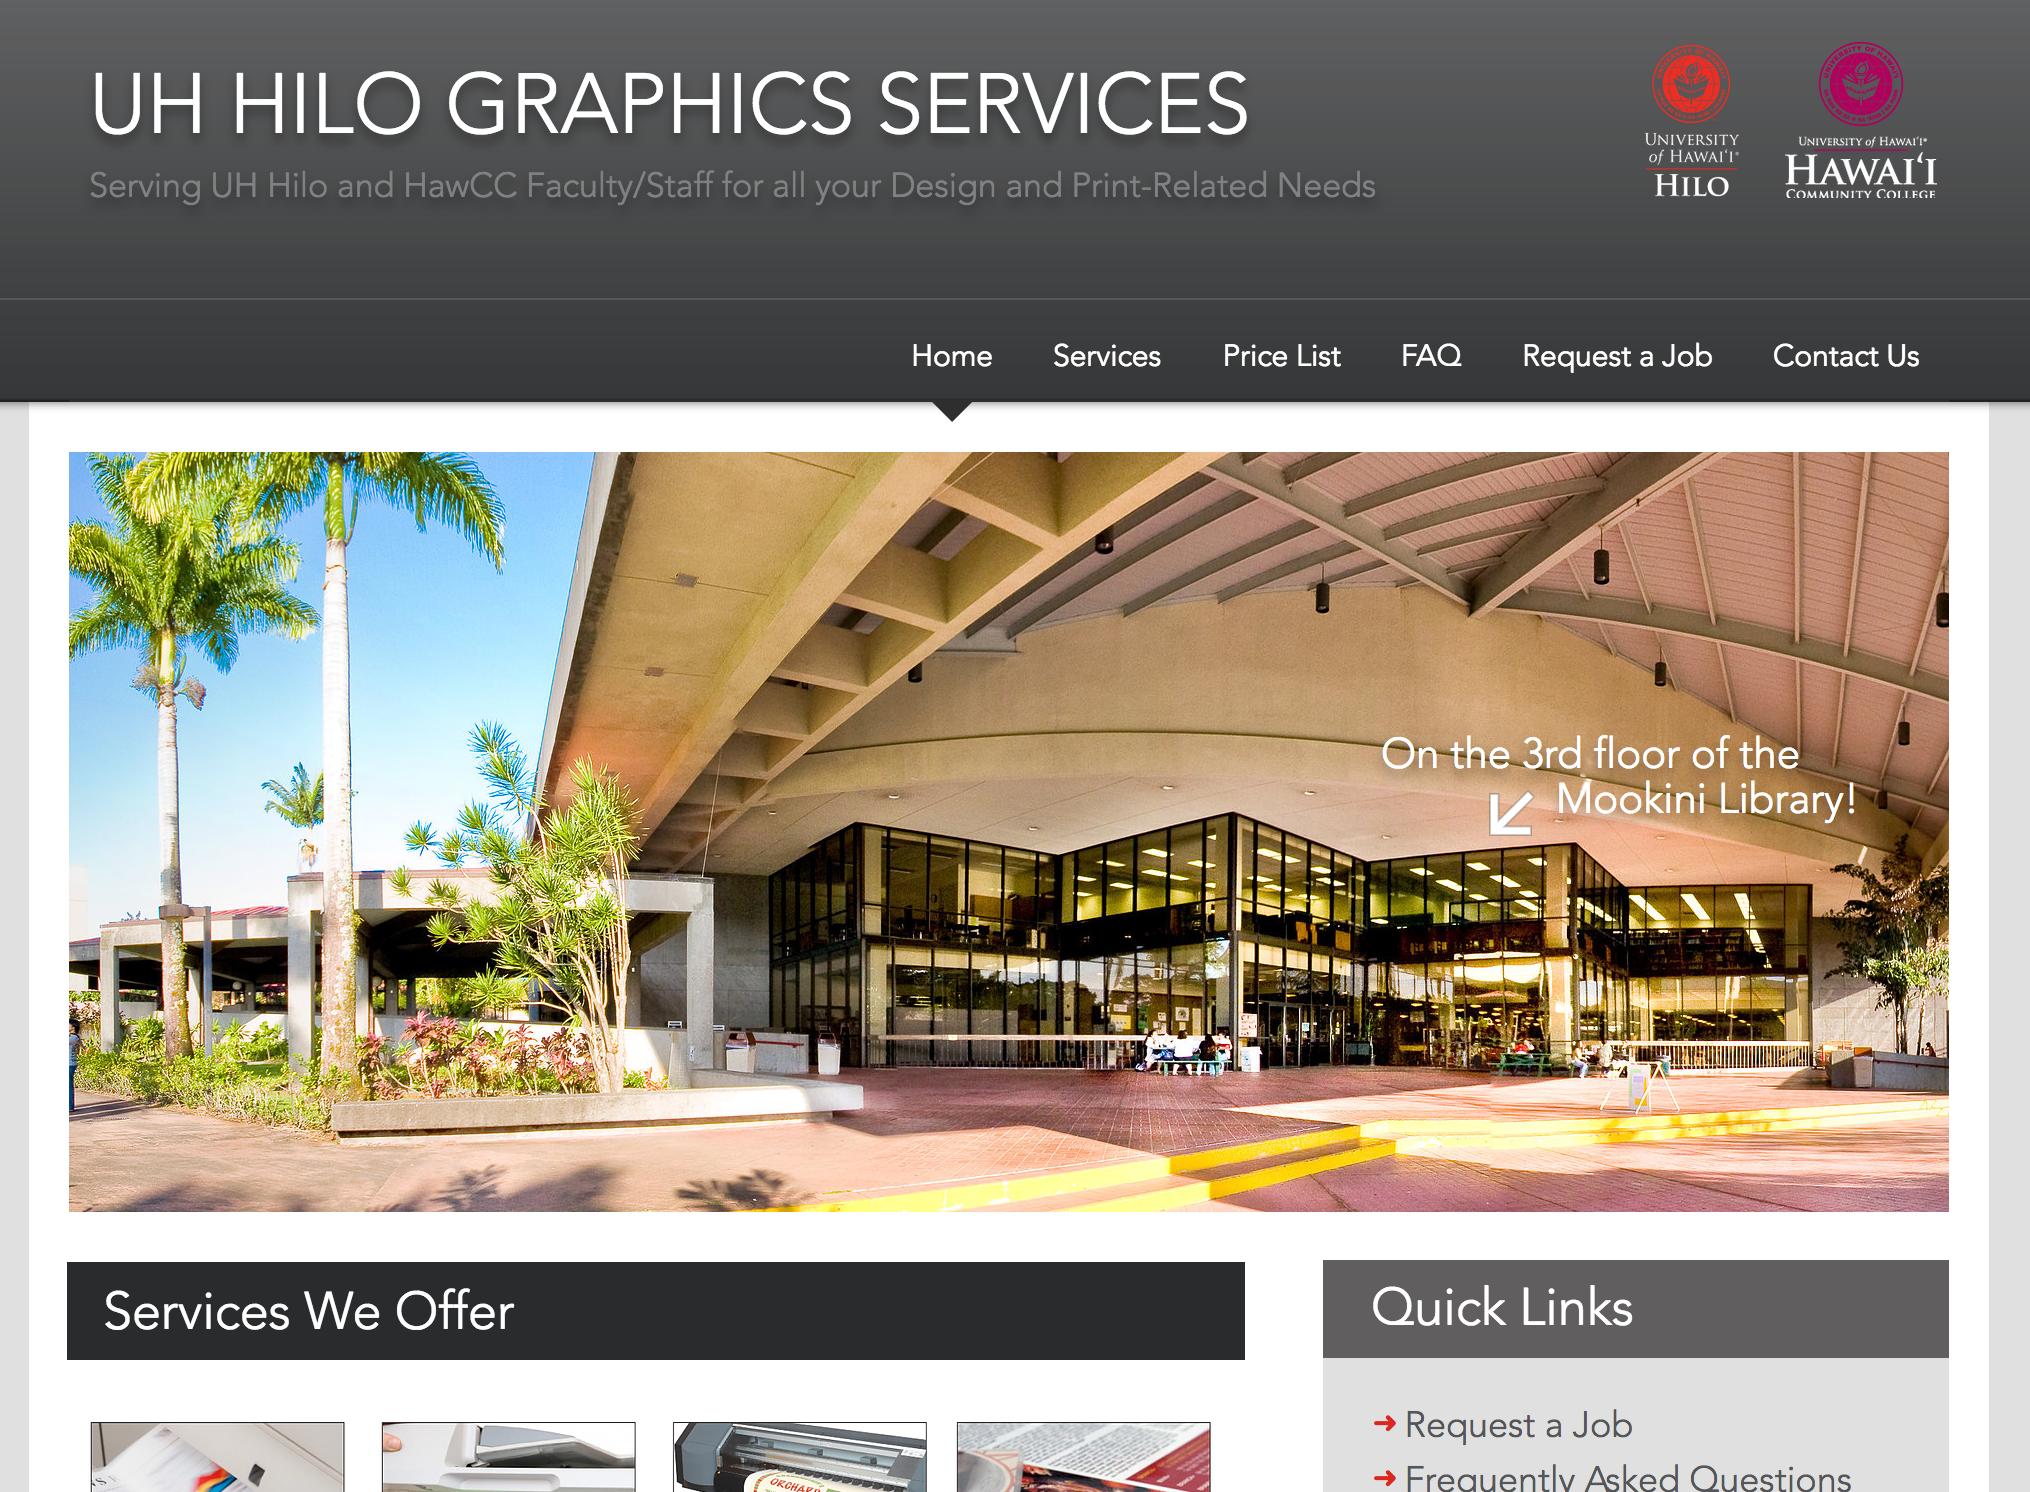 UH Hilo Graphics Services